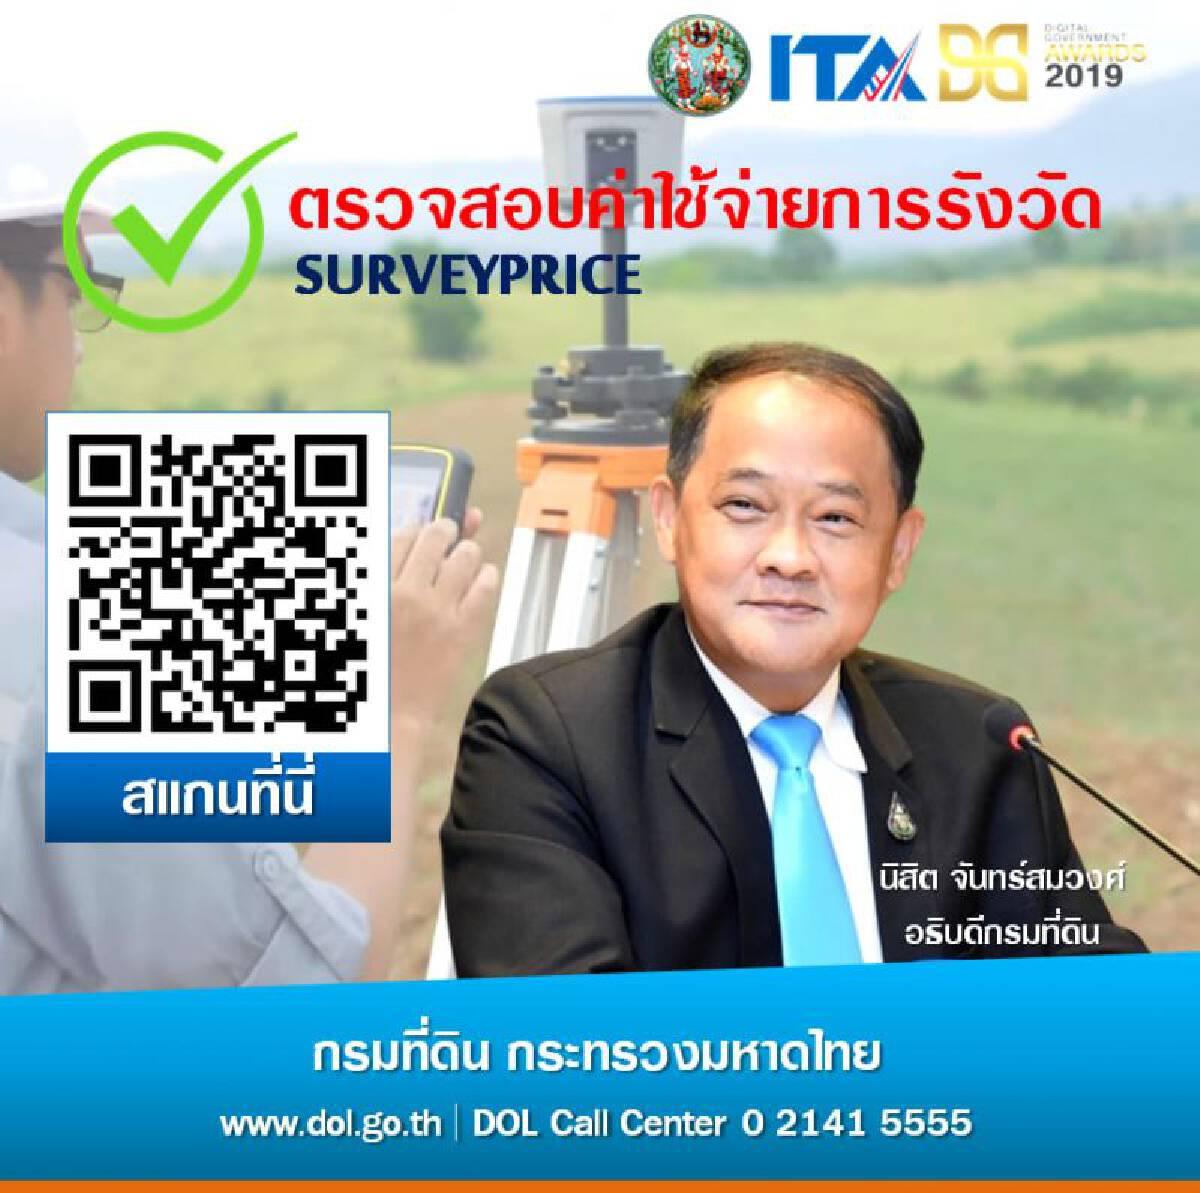 """สะดวก สบาย ตรวจสอบ ค่าใช้จ่ายการรังวัดทั่วไทยไปกับ """"กรมที่ดิน"""""""